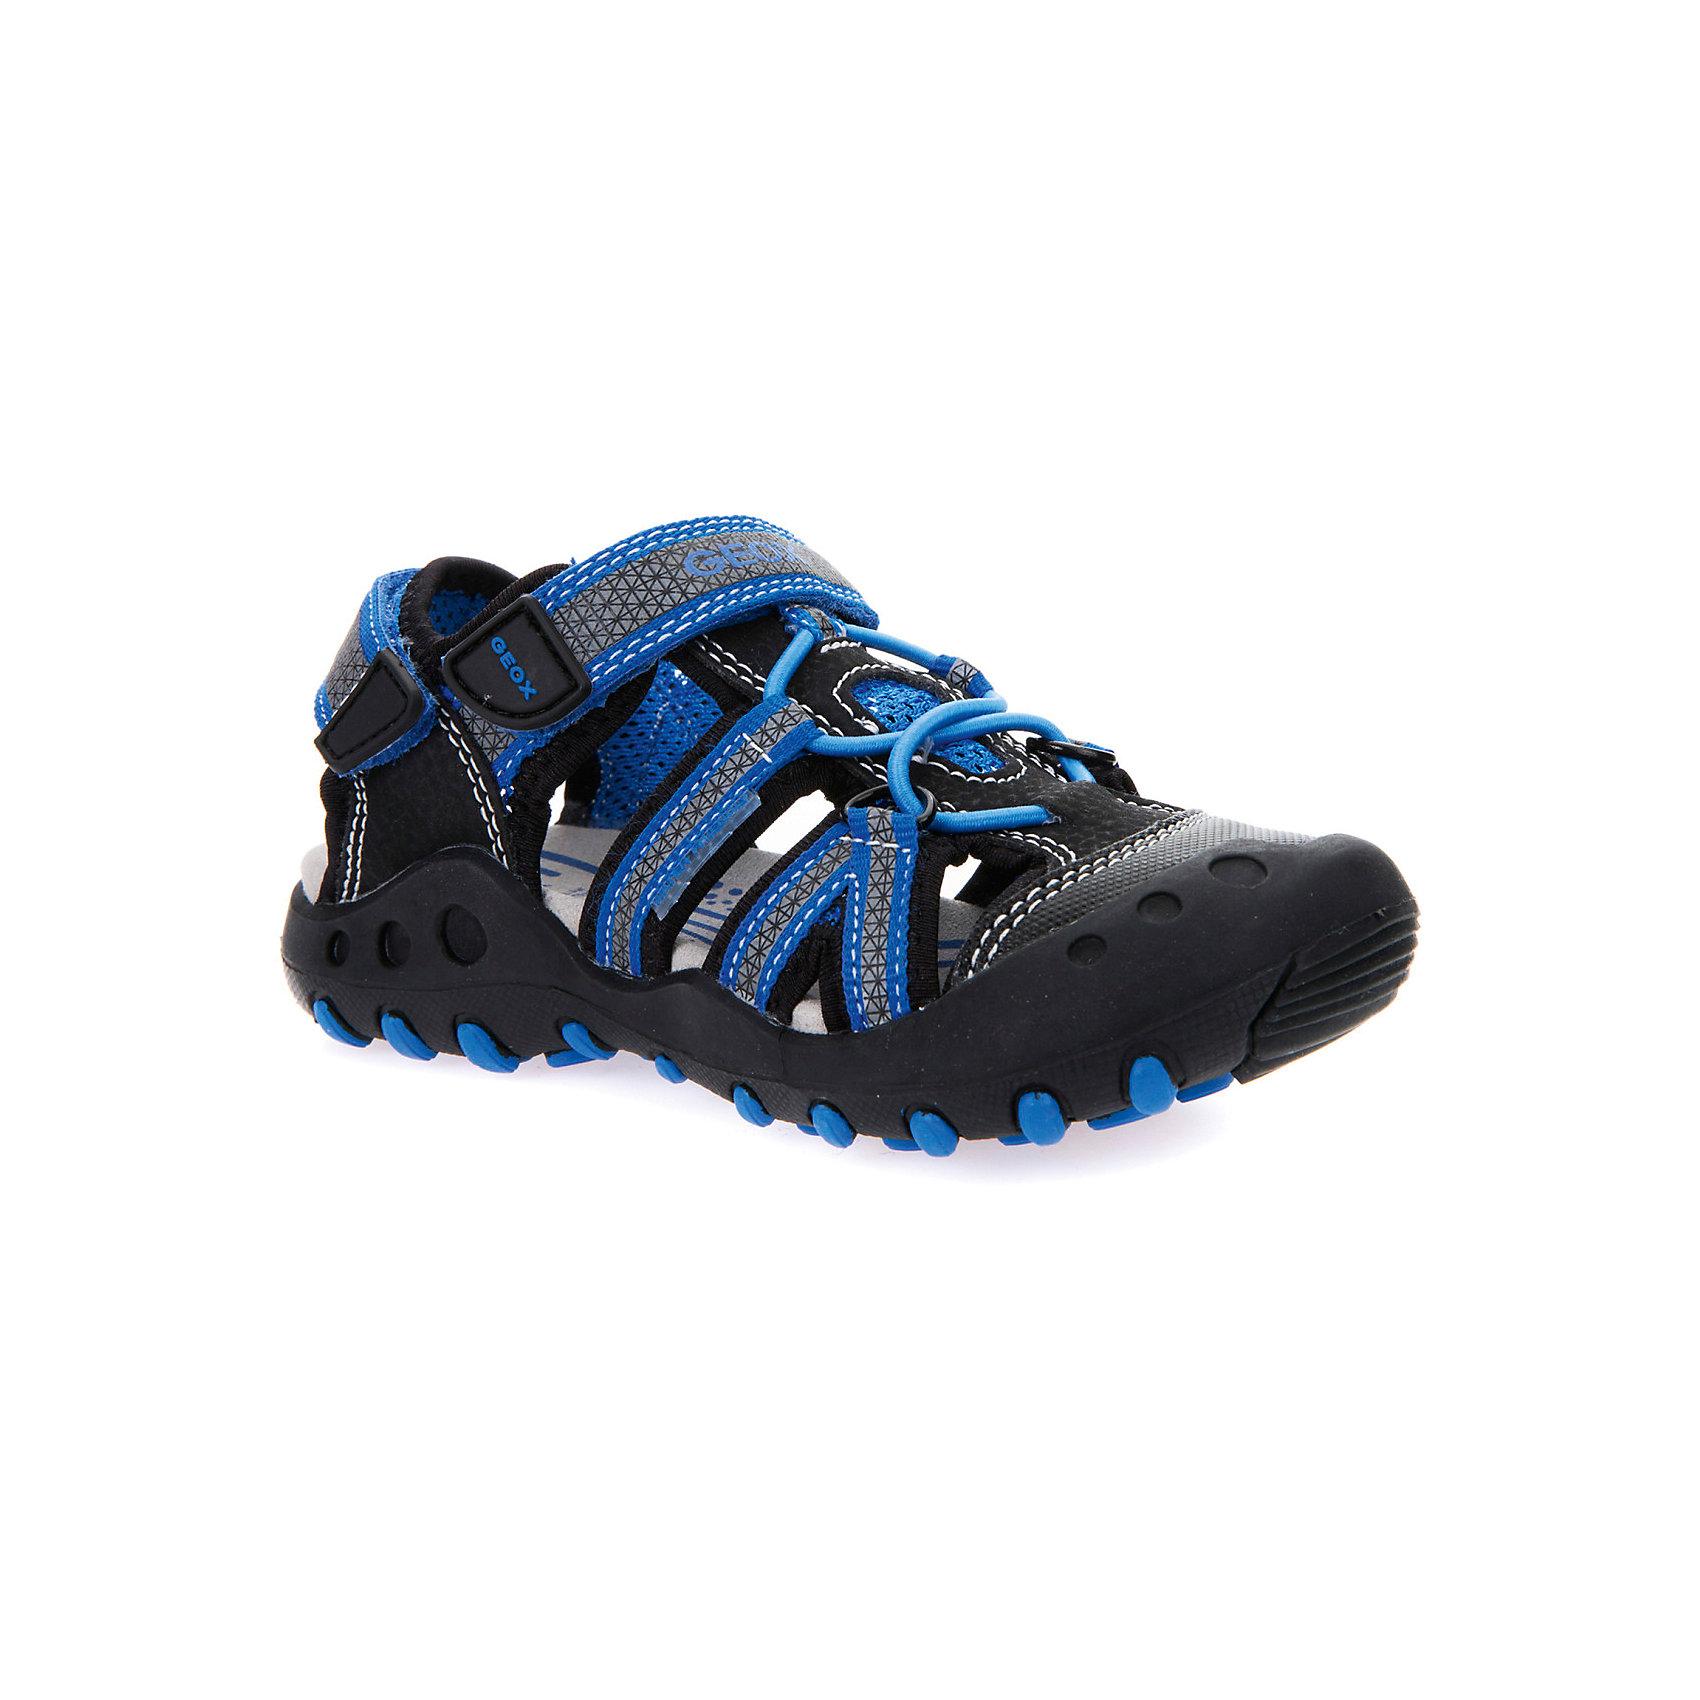 Сандалии для мальчика GEOXСандалии<br>Характеристики товара:<br><br>• цвет: чёрный/синий<br>• внешний материал: 55% полимерный материал, 45% текстильный материал<br>• внутренний материал: синтетическая ткань<br>• стелька: текстиль<br>• подошва: резина<br>• высота подошвы: 2,5 см<br>• спортивная модель<br>• усиленный защищённый мыс<br>• застежка: липучка, шнуровка<br>• закрытый мыс<br>• с открытой пяткой<br>• устойчивая подошва<br>• мембранная технология<br>• декорированы логотипом<br>• страна бренда: Италия<br><br>Обувь от бренда GEOX - это классический пример итальянского стиля и высокого качества, известных по всему миру. Модели этой марки - неизменно модные и комфортные. Для их производства используются только безопасные, качественные материалы и фурнитура. Отличие этой линейки обуви - мембранная технология, которая обеспечивает естественное дыхание обуви и в то же время не пропускает воду. Это особенно важно для детской обуви!<br><br>Сандали от итальянского бренда GEOX (ГЕОКС) можно купить в нашем интернет-магазине.<br><br>Ширина мм: 219<br>Глубина мм: 154<br>Высота мм: 121<br>Вес г: 343<br>Цвет: черный<br>Возраст от месяцев: 120<br>Возраст до месяцев: 132<br>Пол: Мужской<br>Возраст: Детский<br>Размер: 34,26,27,28,29,30,31,32,33<br>SKU: 5335221